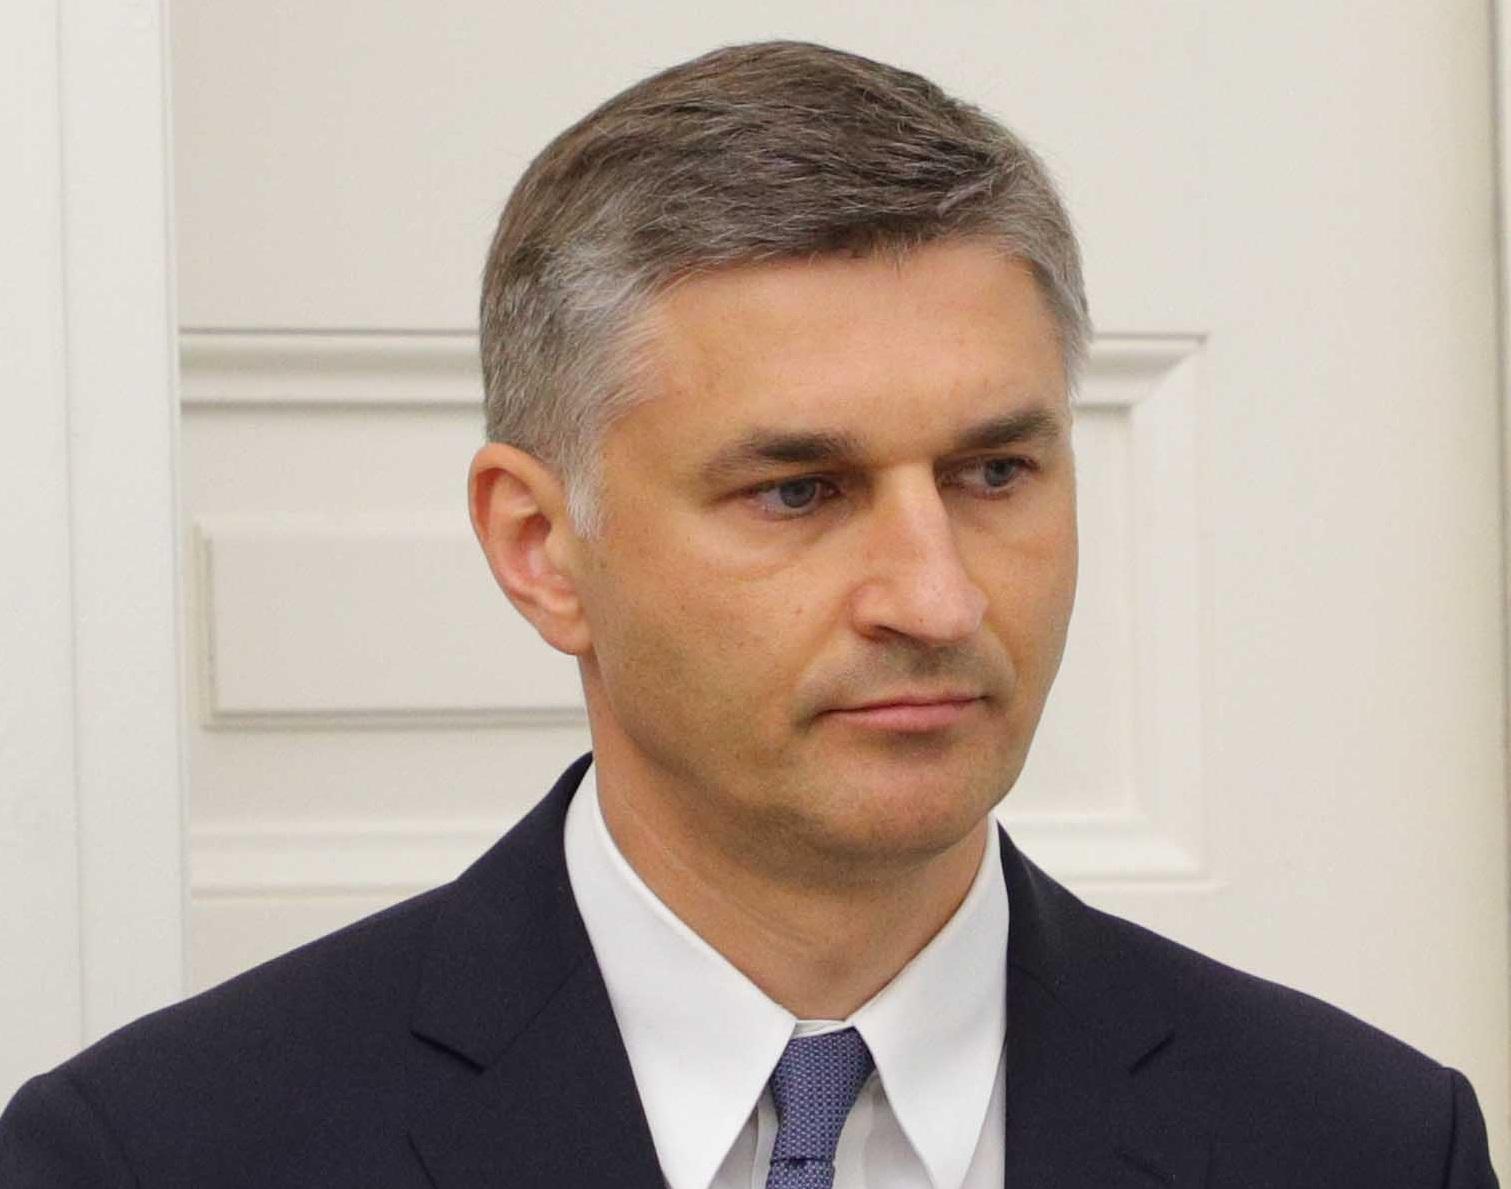 """J. Neverovičius apie """"Grigeo Klaipėda"""" taršos skandalą: gamtai padaryta žala turi būti atlyginta, o teršėjas negali išvengti atsakomybės"""